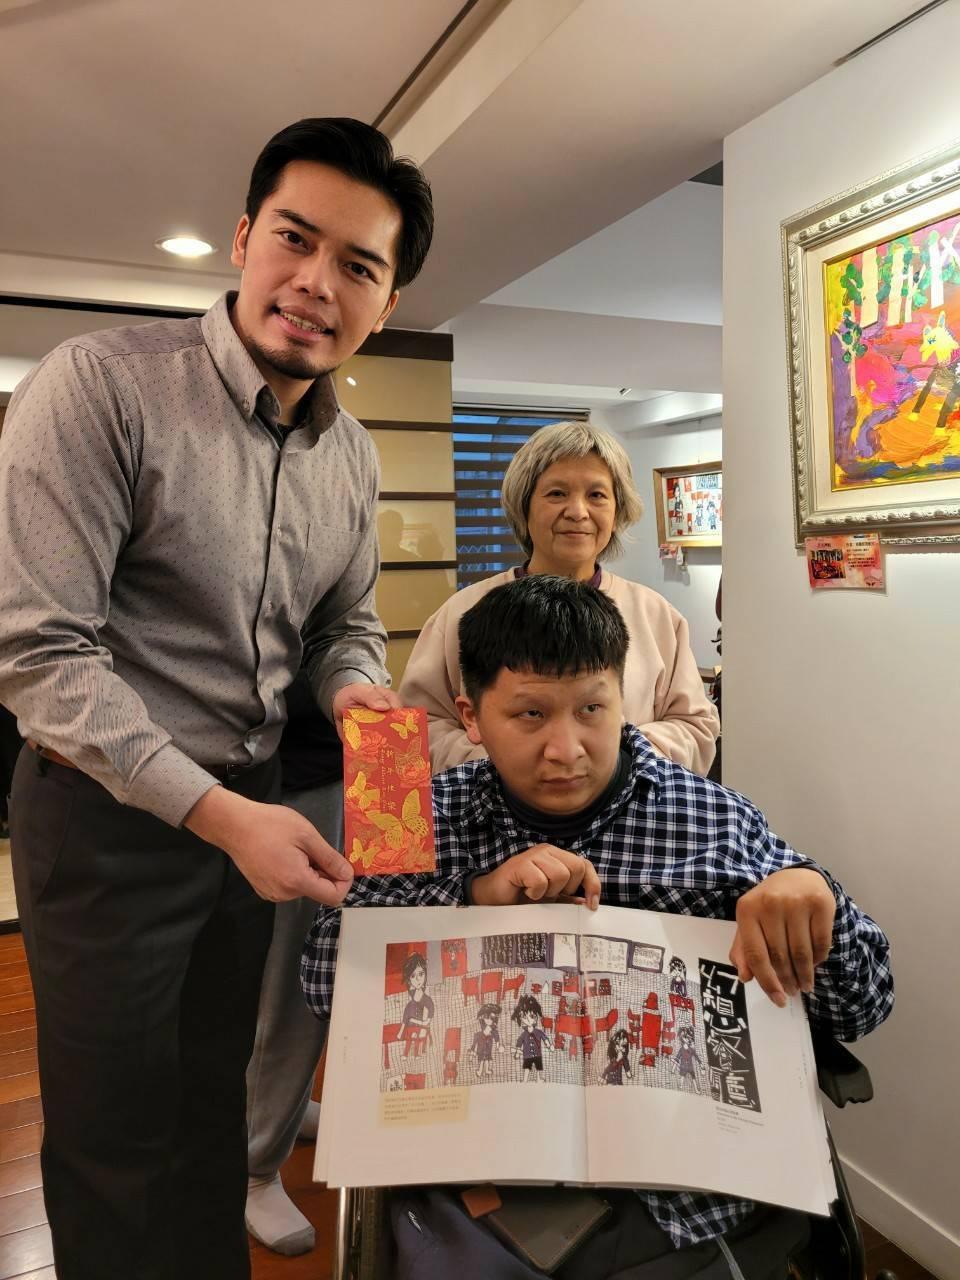 伍仲威買下特教生寶源的畫作,並給予獎學金鼓勵。